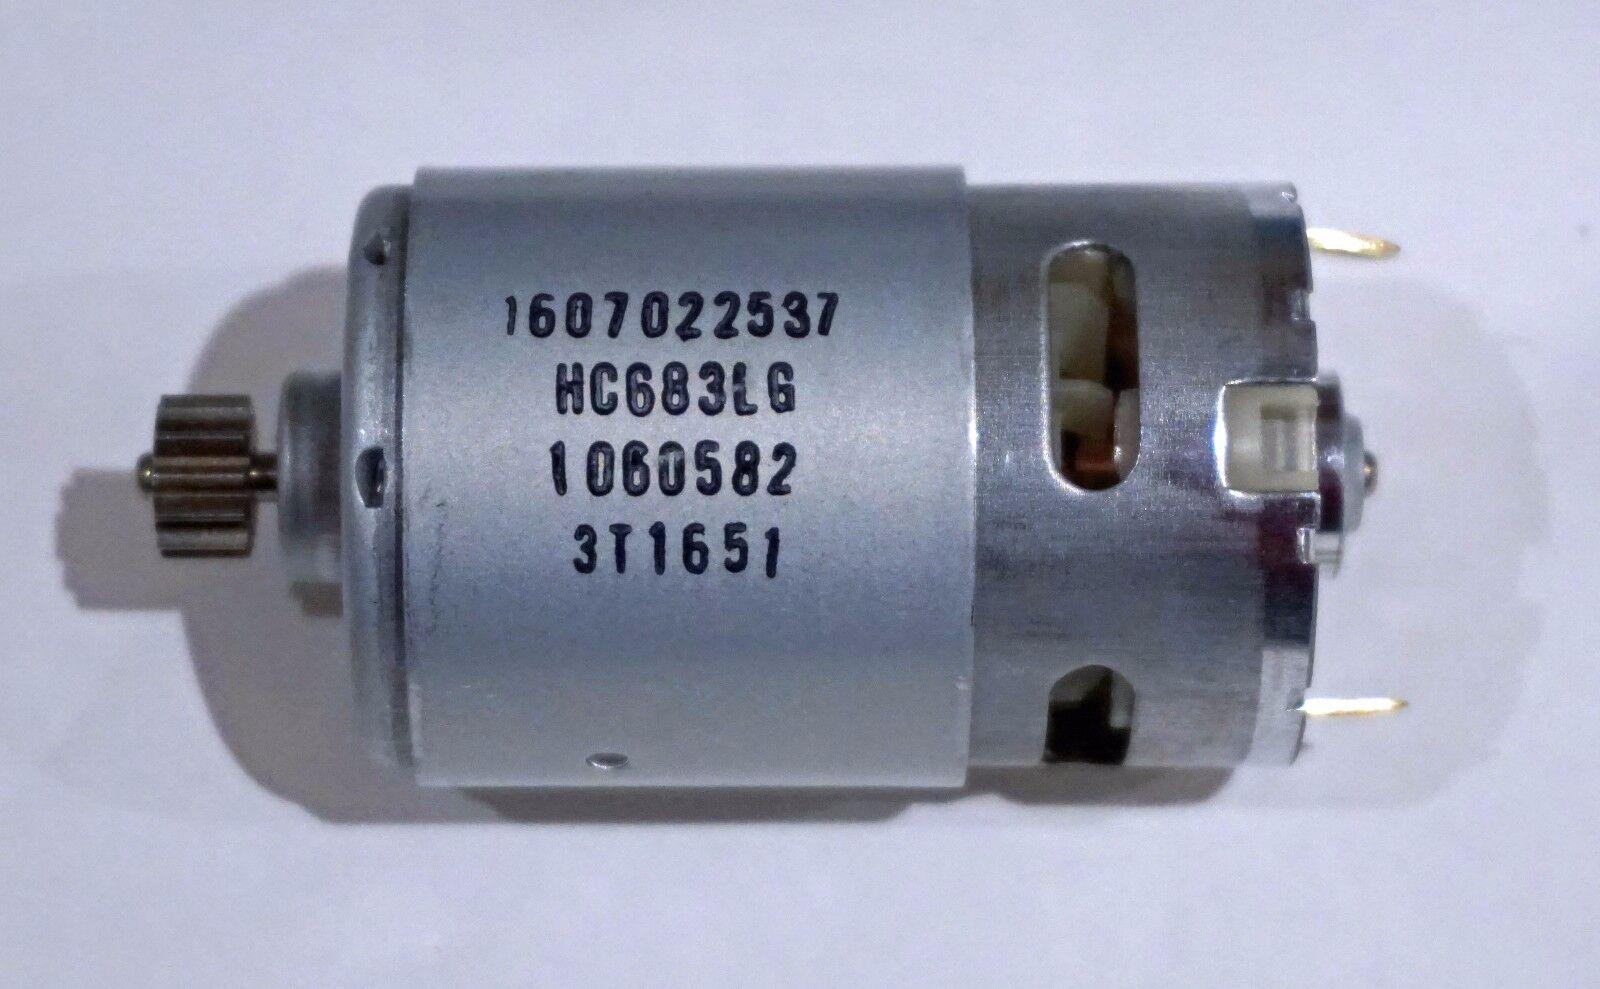 Motor Bosch GSR 1440-LI  Orginal 2609199378 (1607022537)